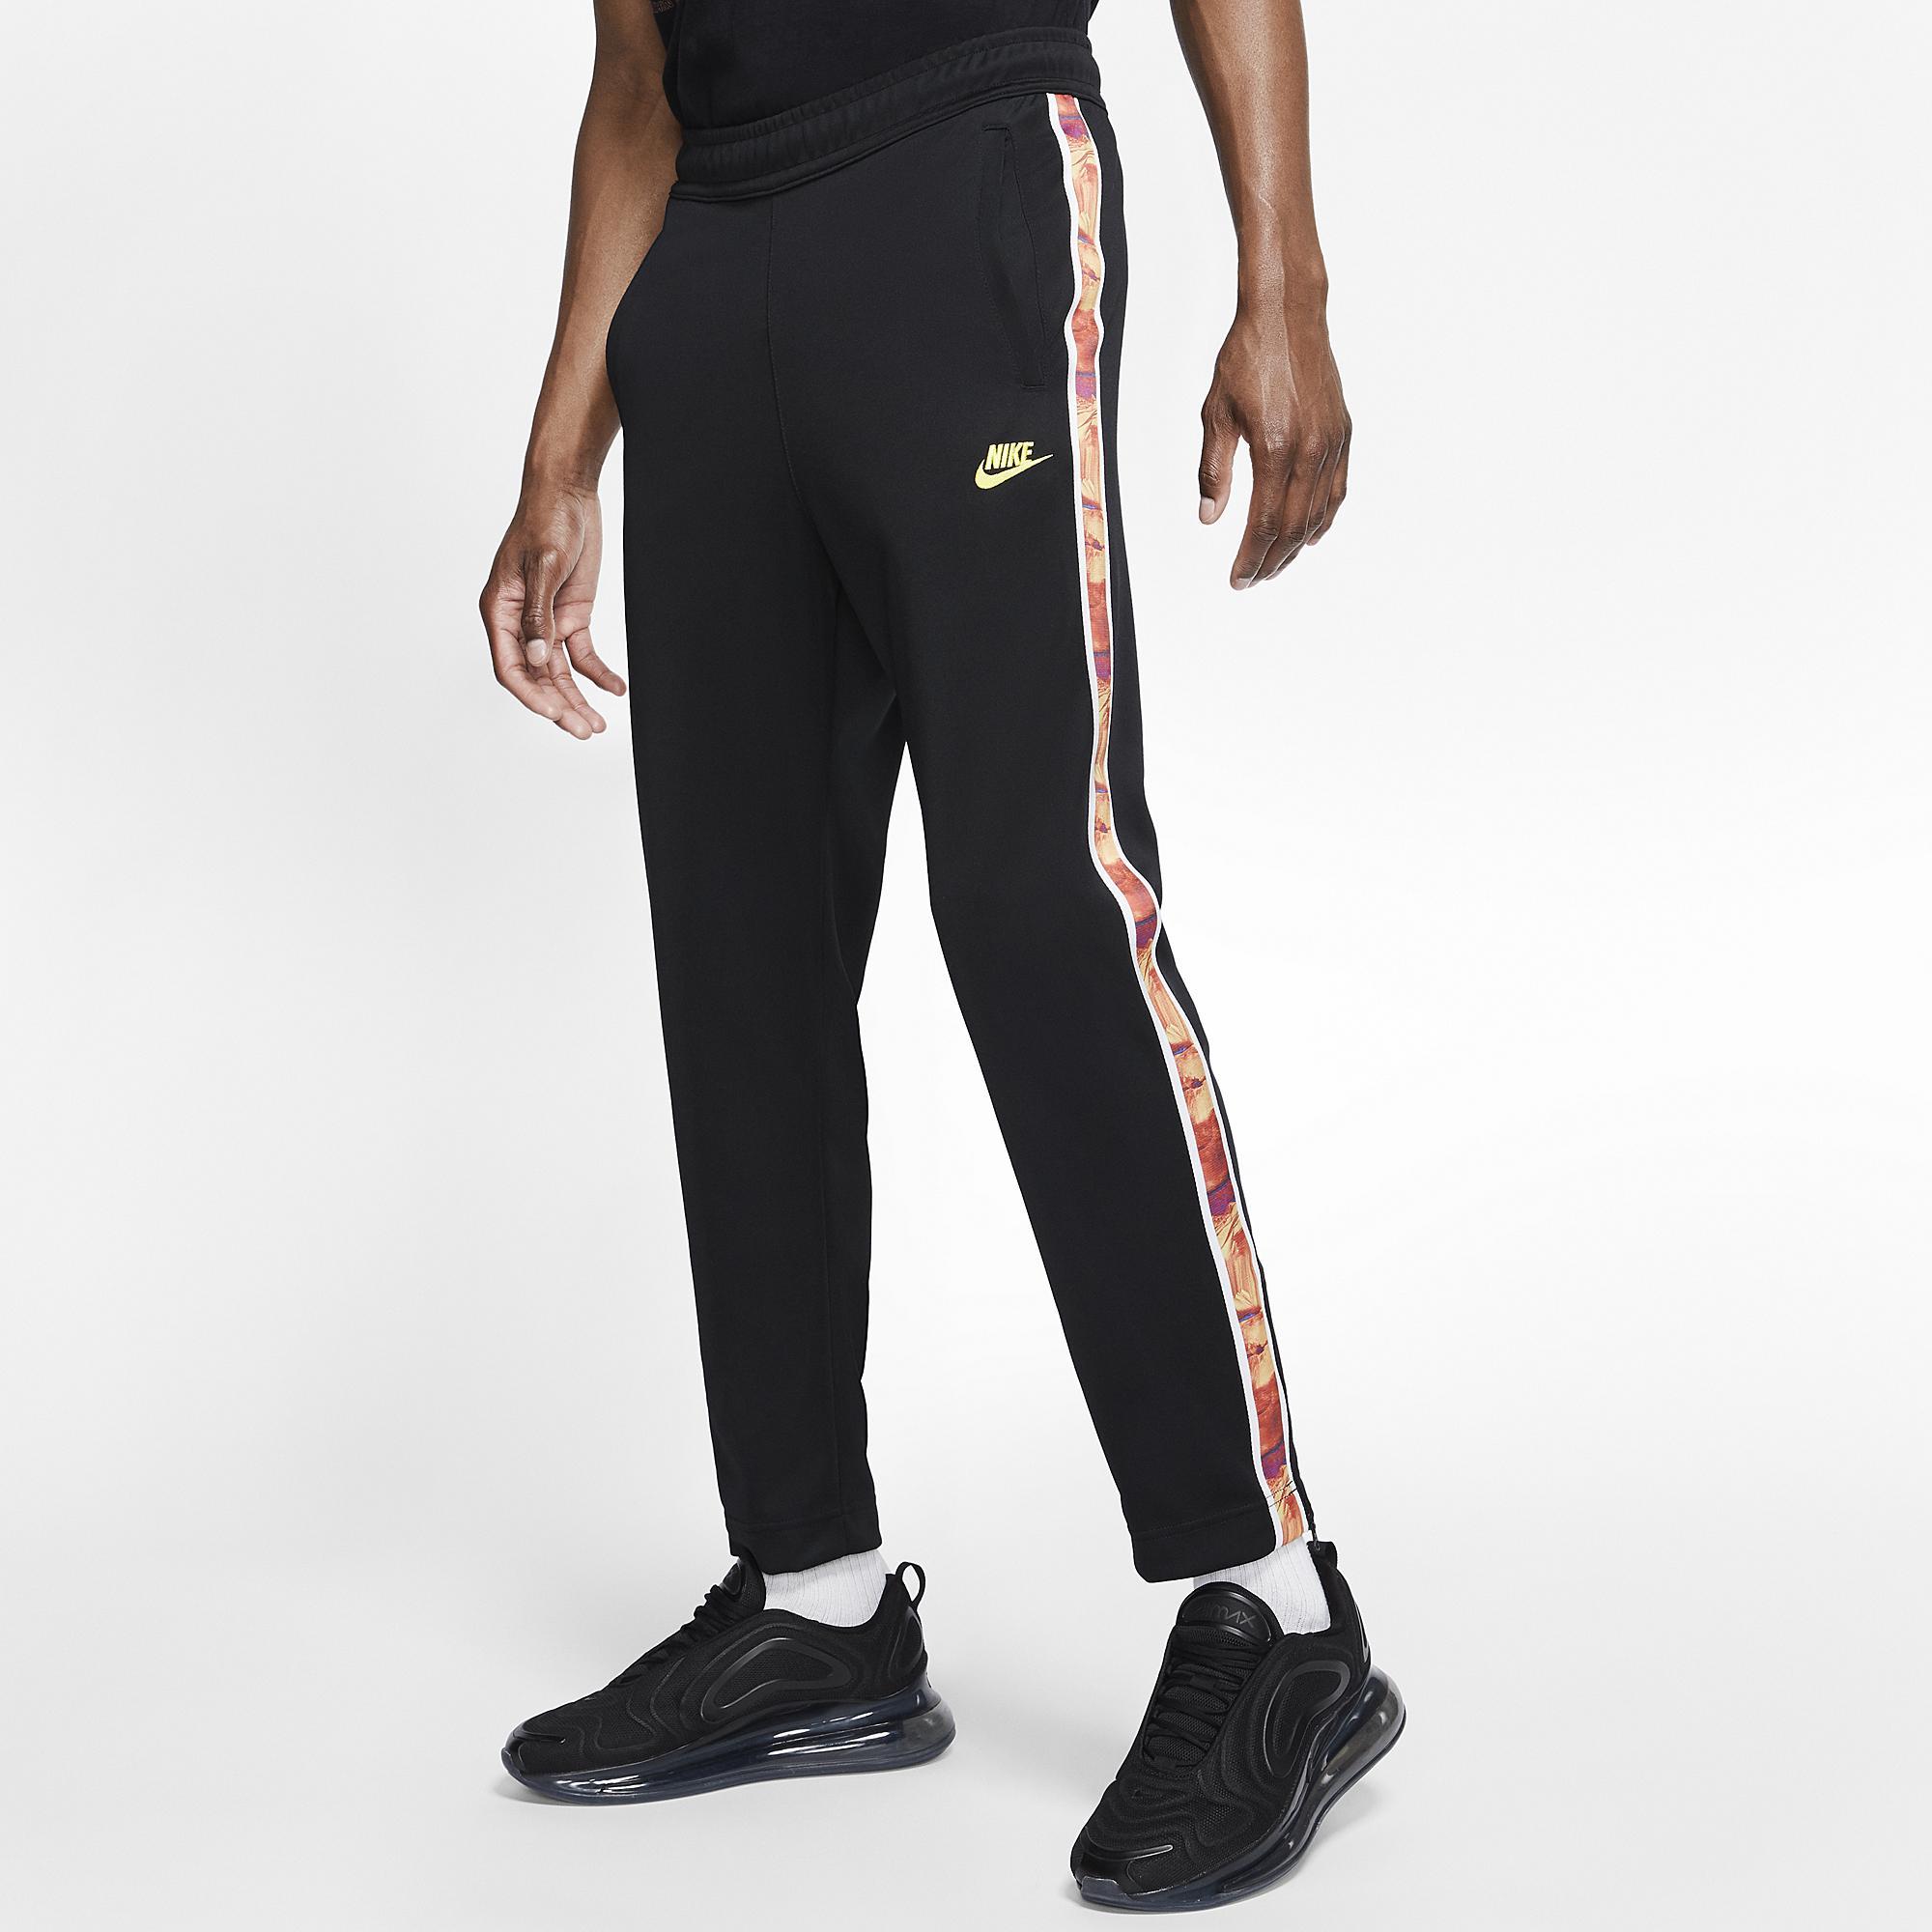 ナイキ NIKE トリビュート MENS メンズ ORGANIC DISTORTION TRIBUTE PANTS ファッション パンツ ズボン